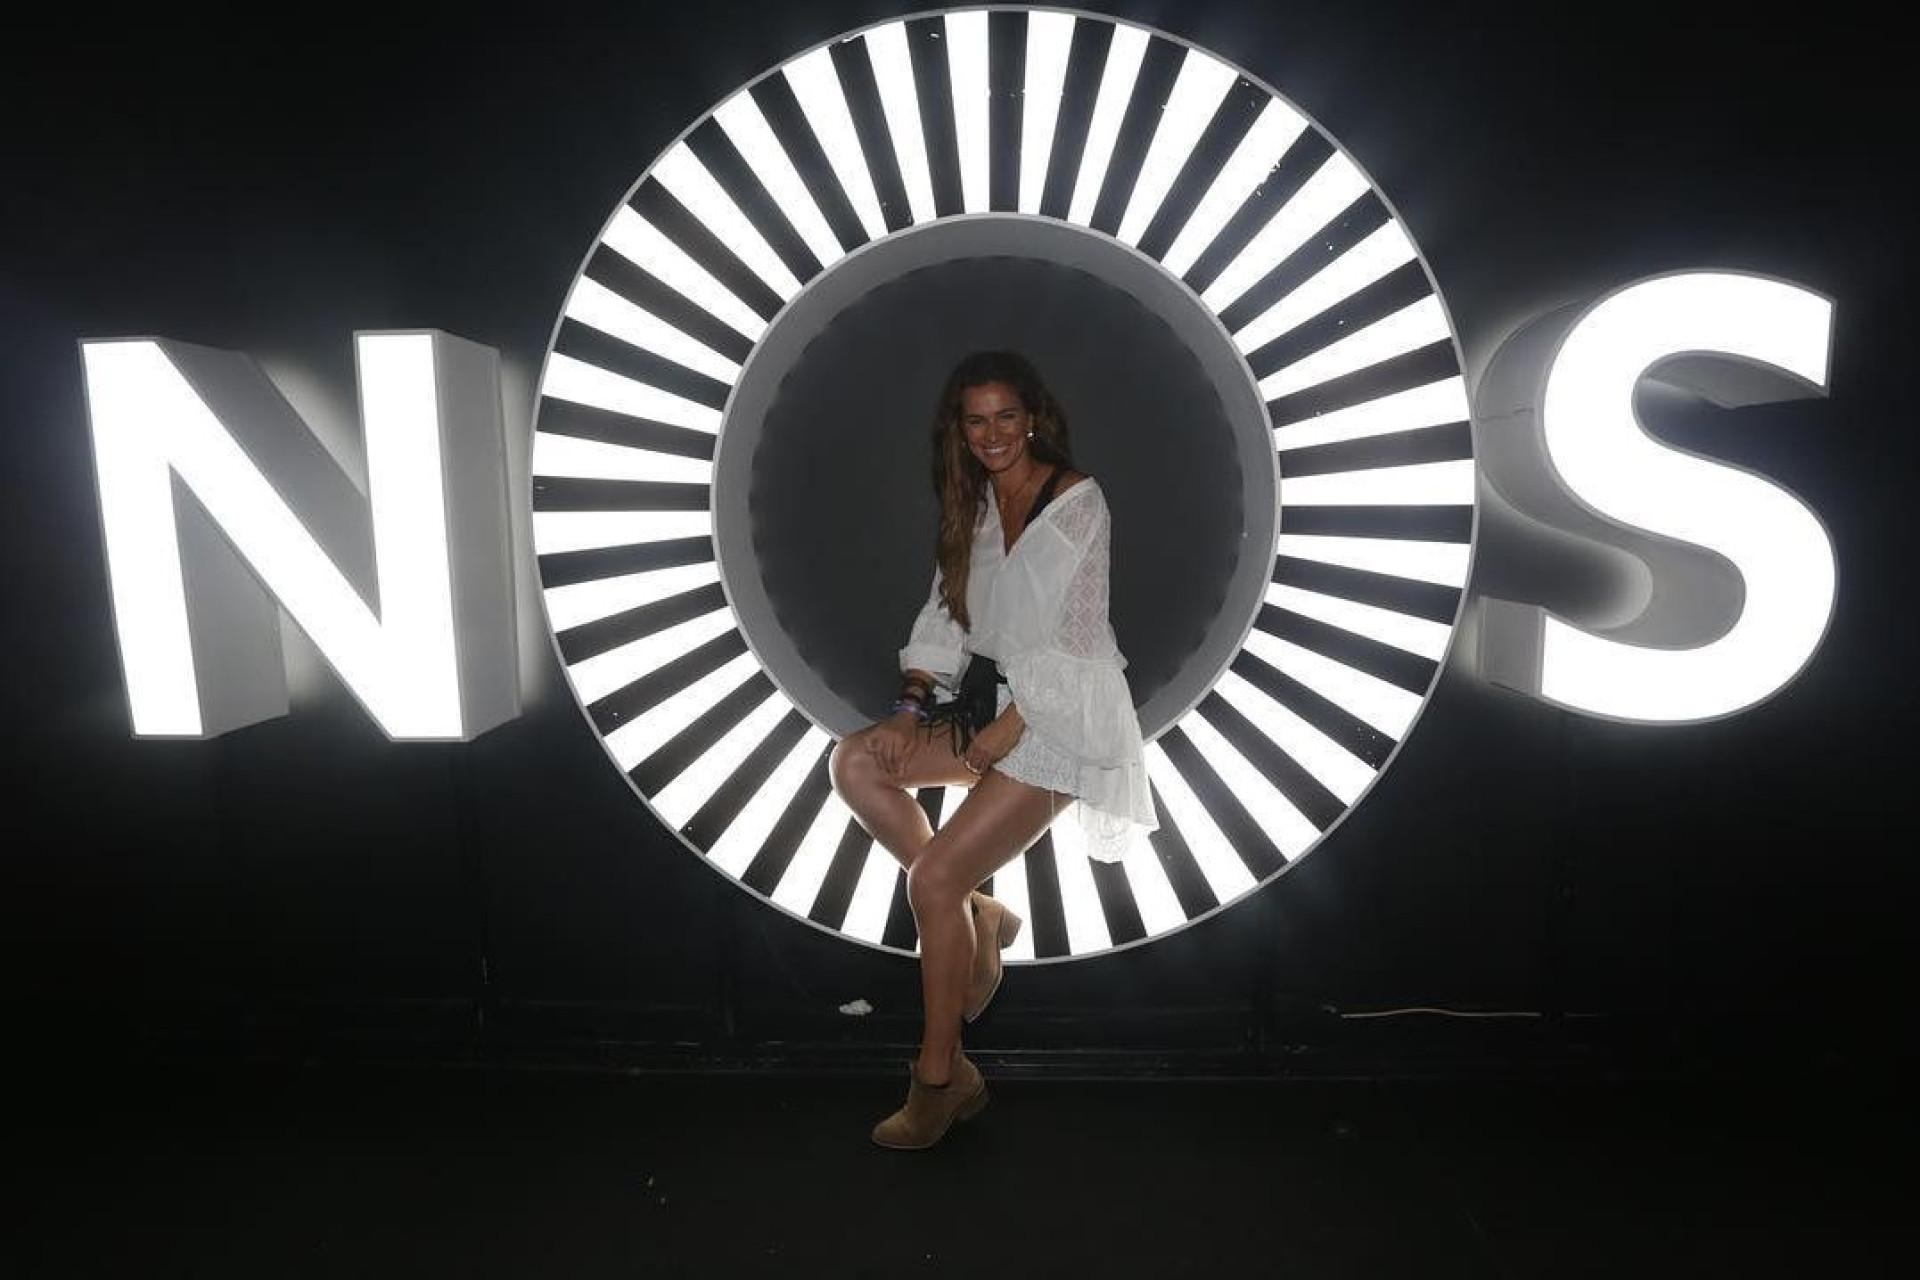 Estrelas portuguesas brilham no último dia do NOS Alive